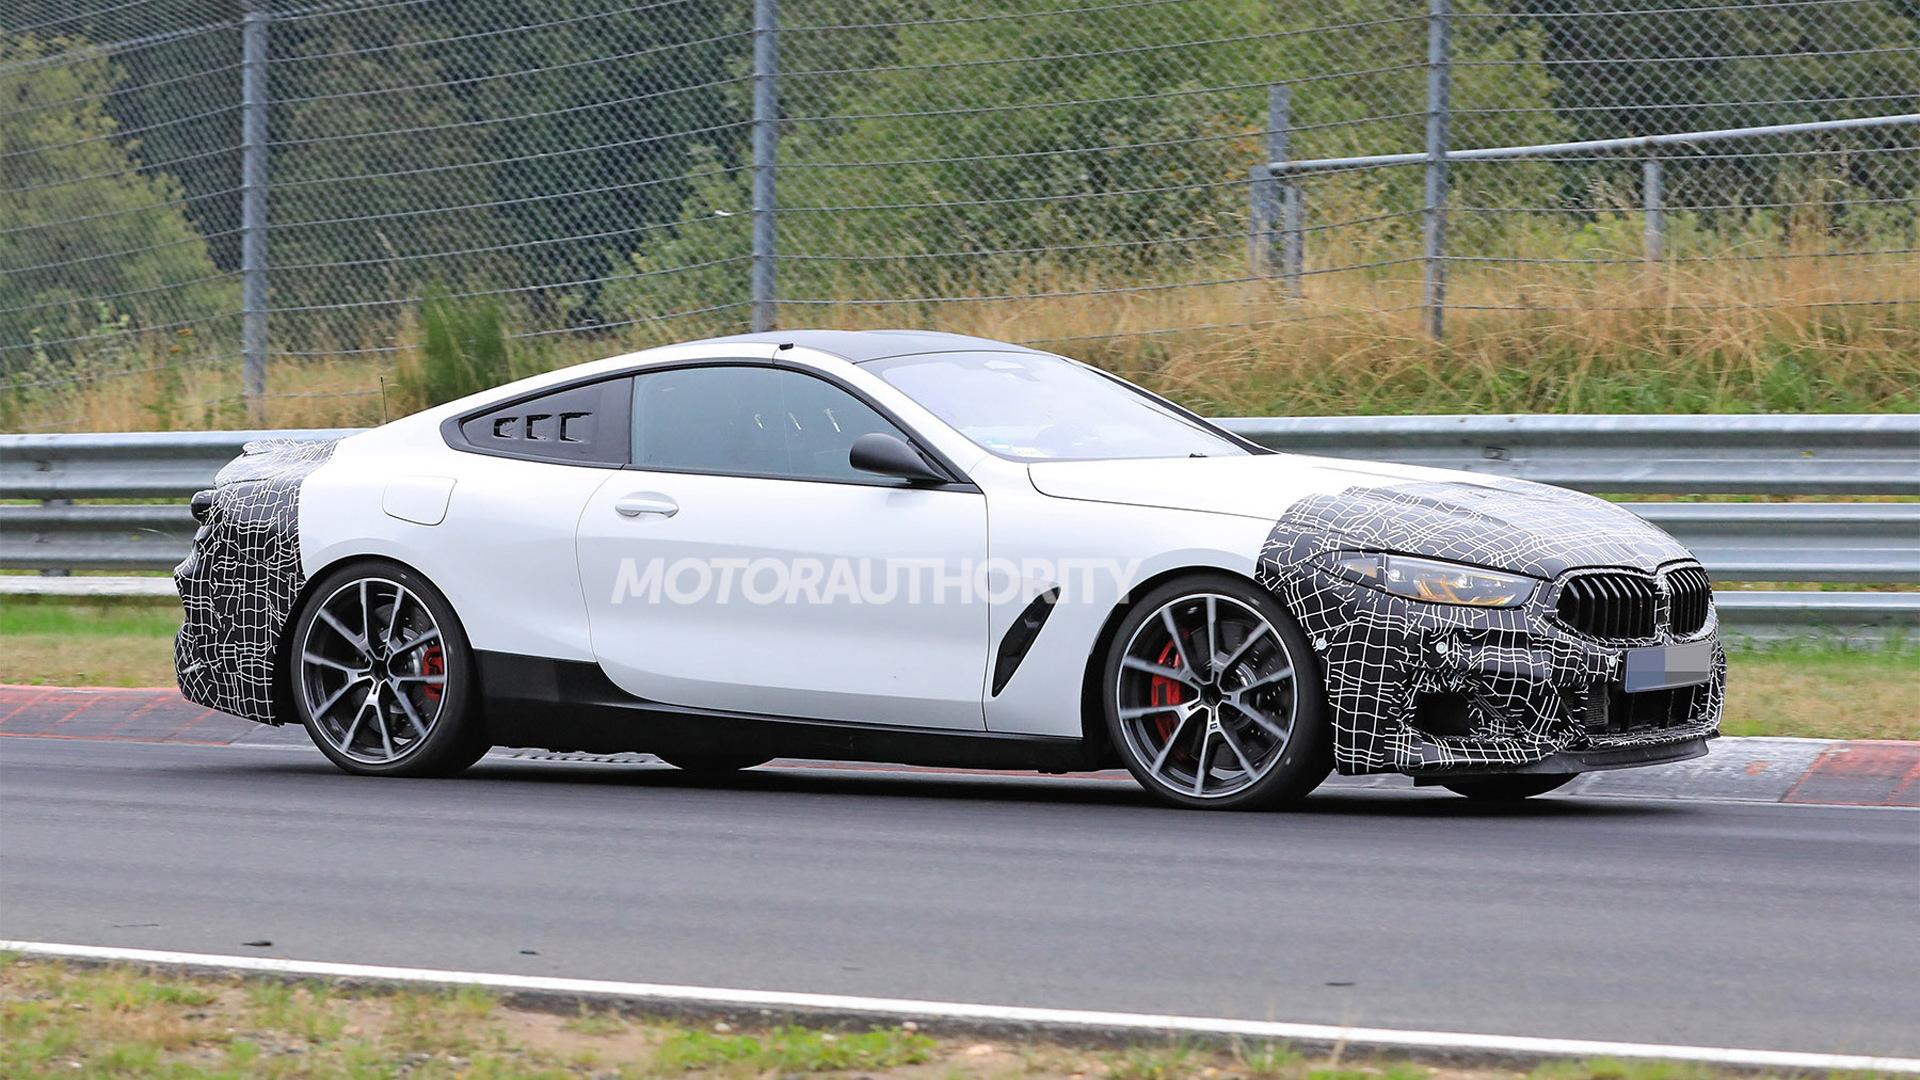 BMW mid-engine platform test mule spy shots - Photo credit:S. Baldauf/SB-Medien